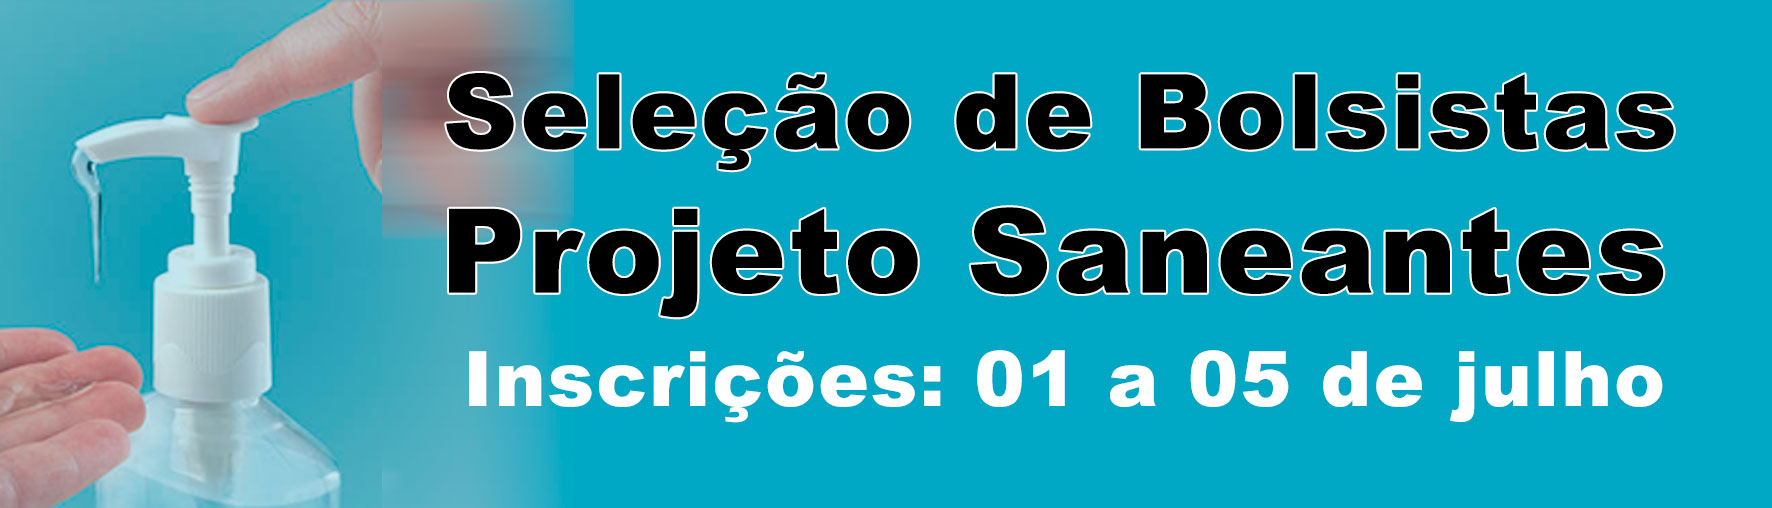 Bolsistas Projeto Saneantes